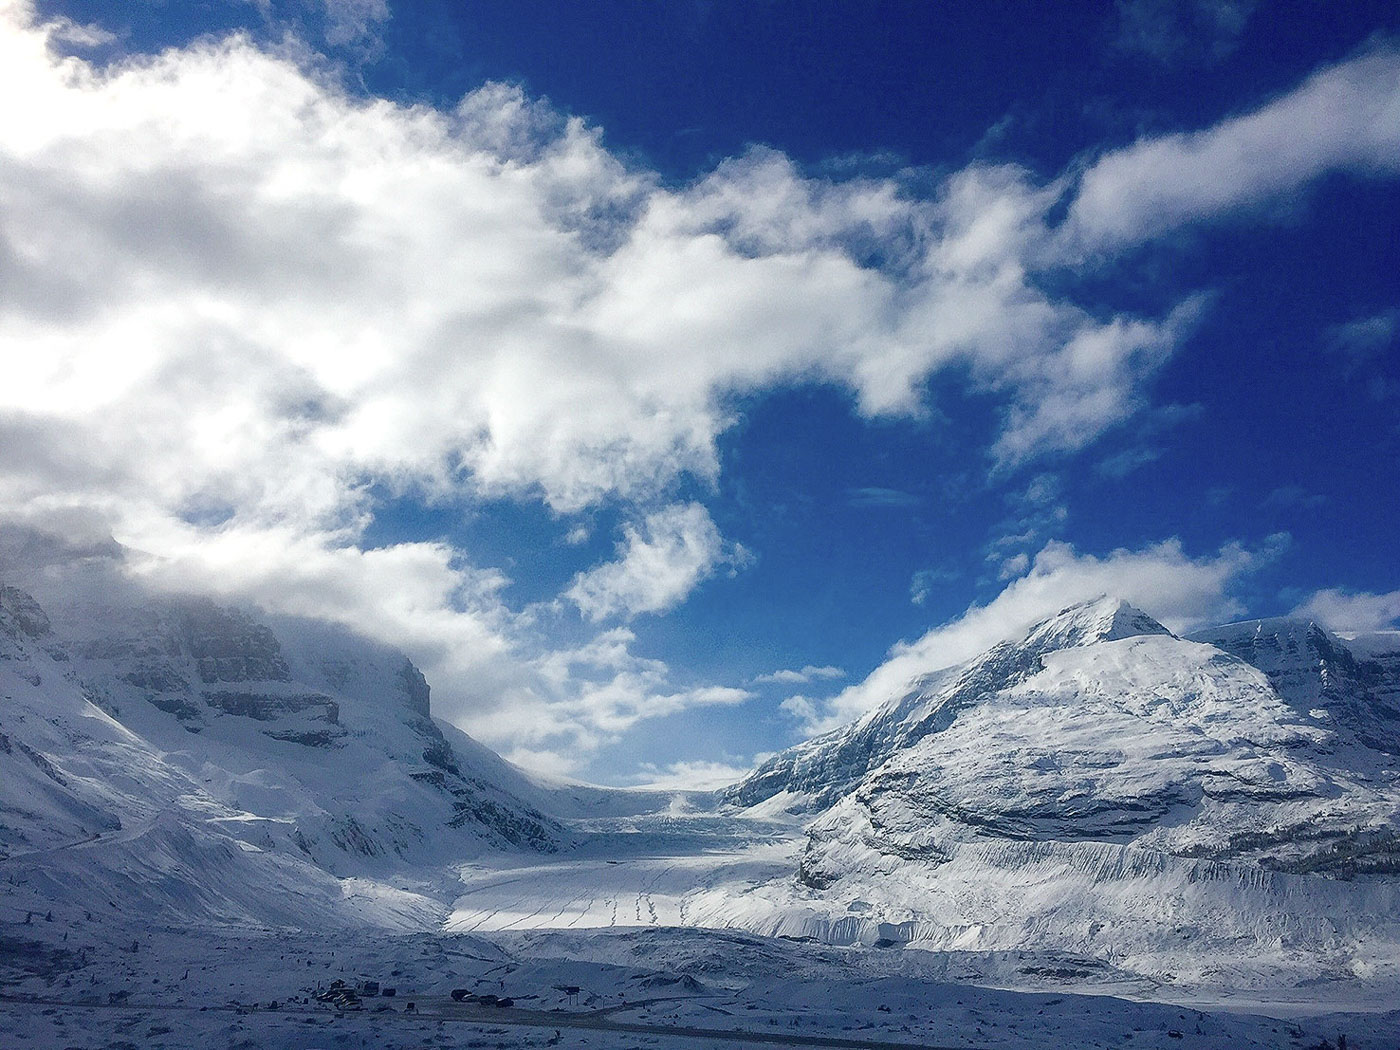 Athabasca Glacier